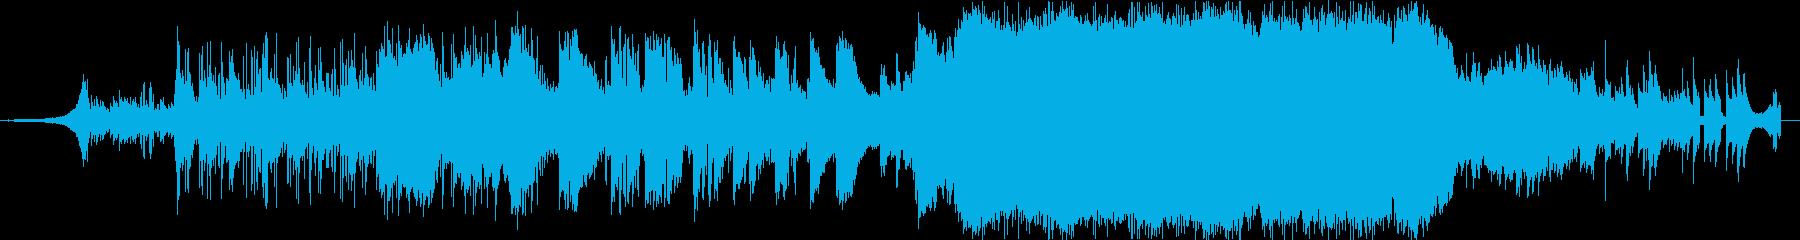 ロックソング、ダイナミック。英語。の再生済みの波形